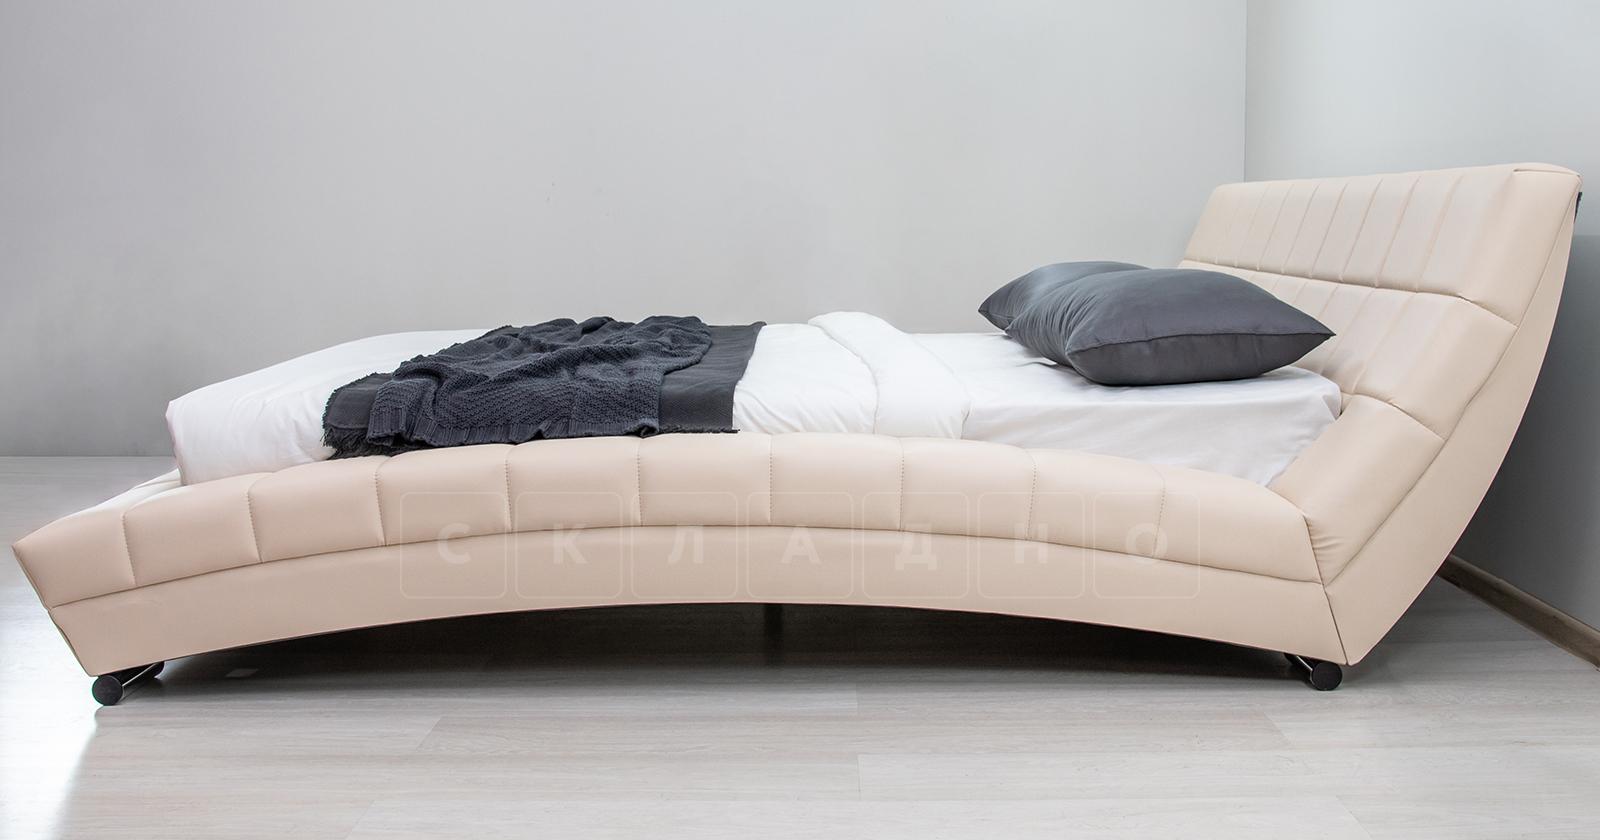 Мягкая кровать Оливия 160 см экокожа бежевый фото 11 | интернет-магазин Складно